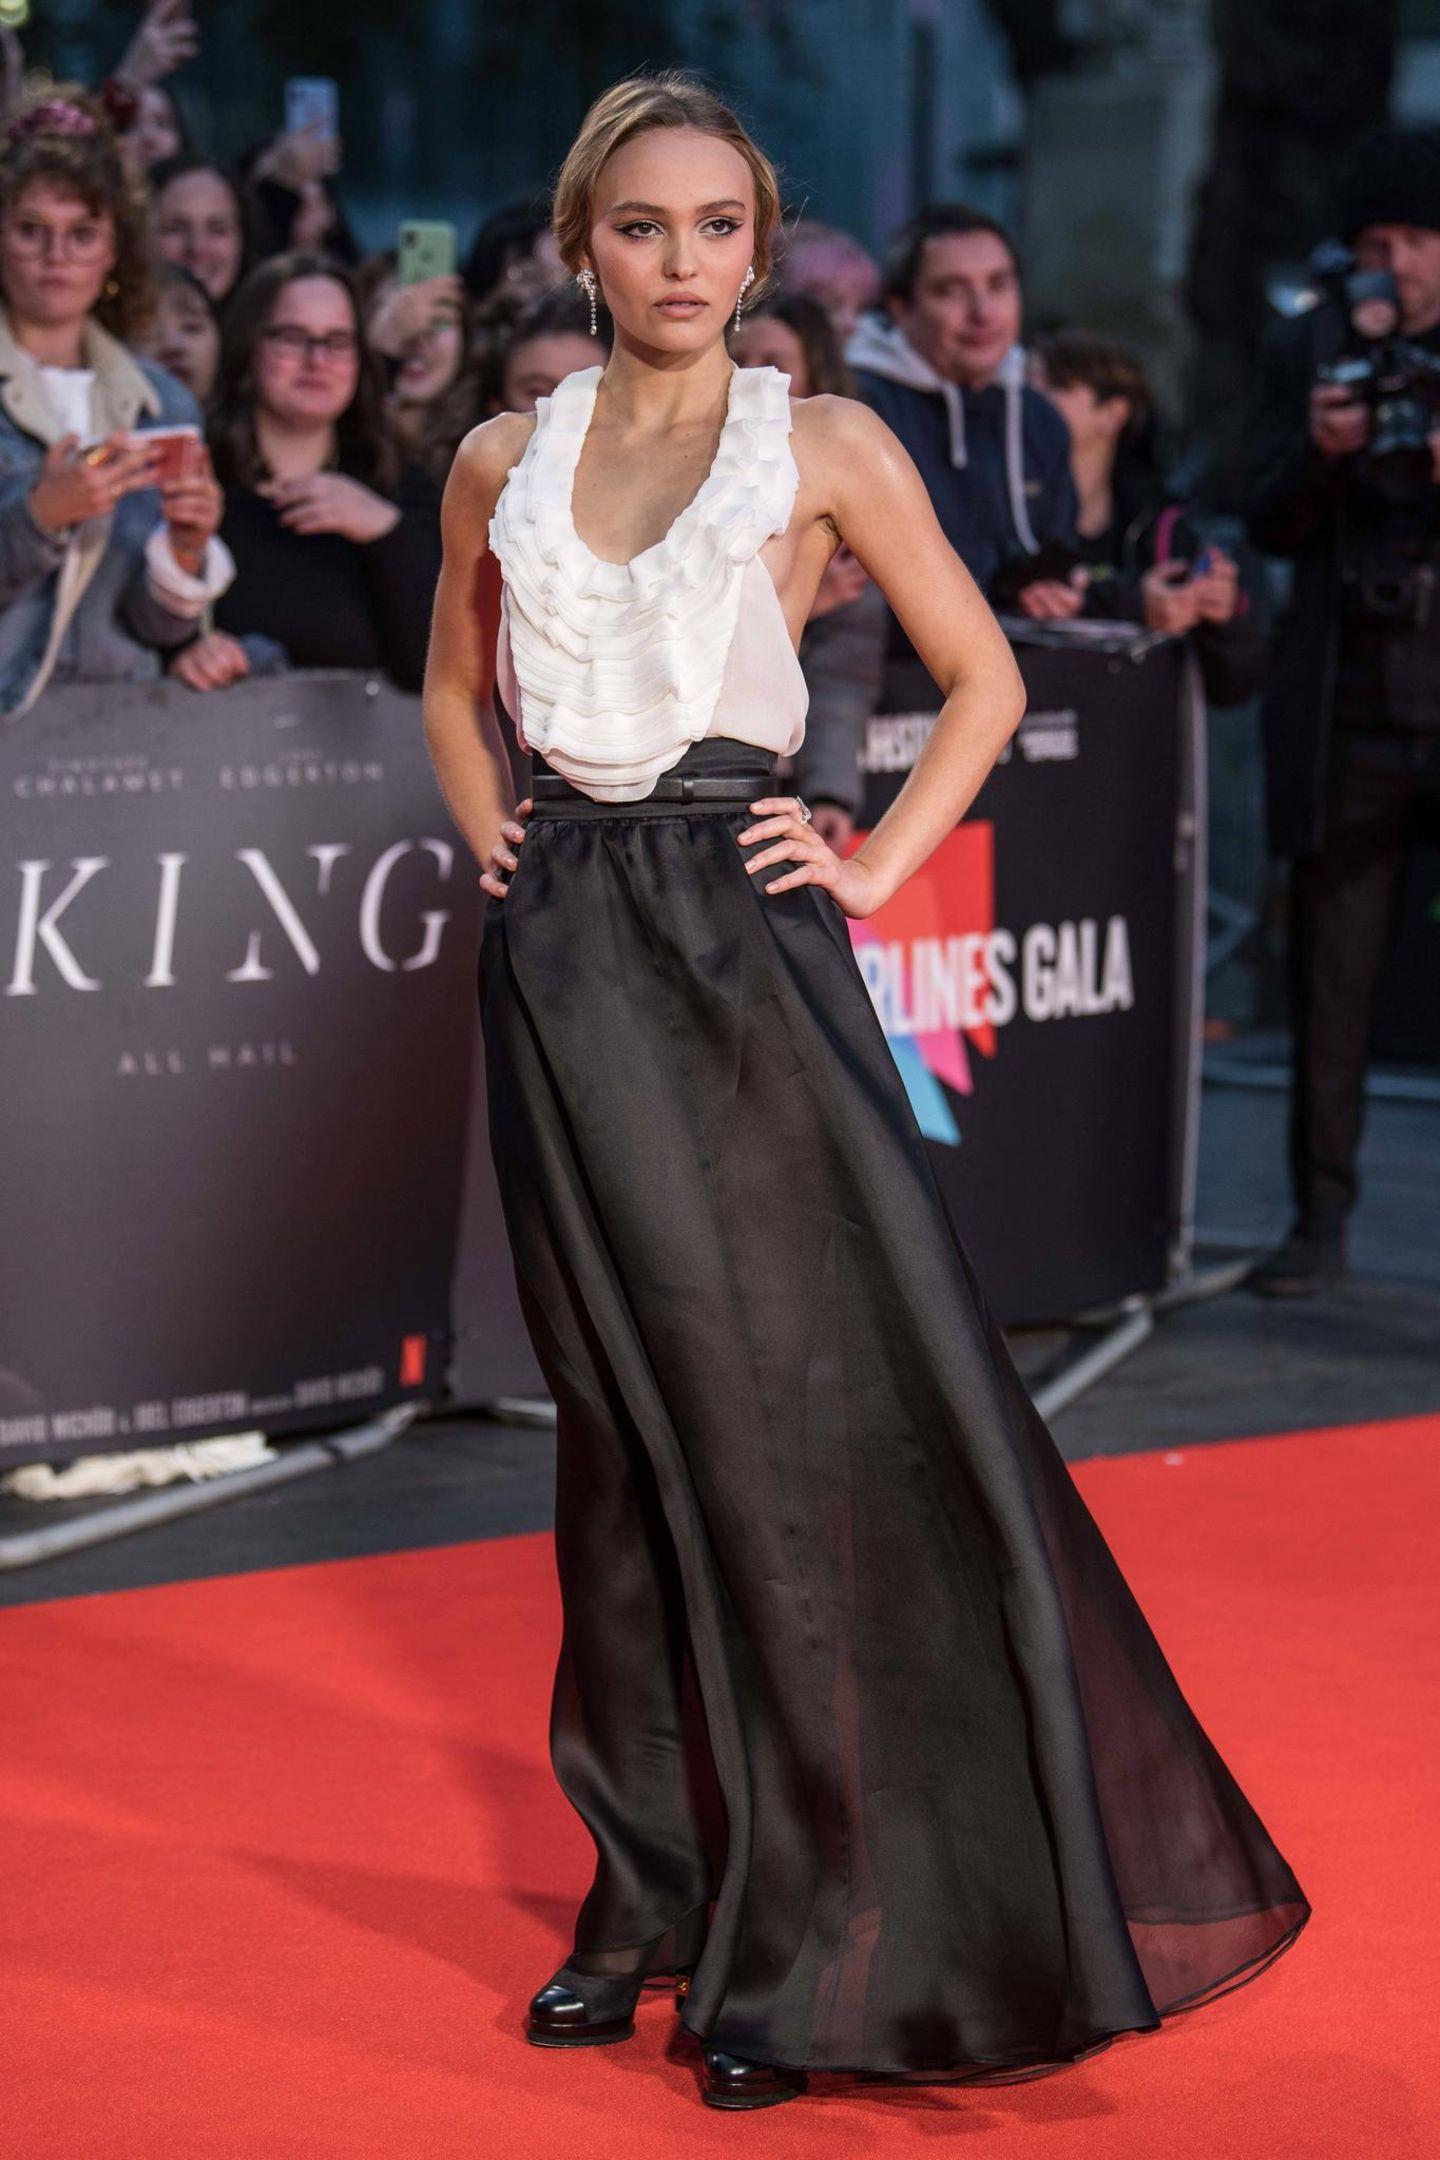 """Lily-Rose Depp hat für ihren Red-Carpet-Auftritt zur Film-Premiere von """"The King"""" in ein bodenlanges Kleid mit Rüschenborde aus dem Modehaus Chanel gewählt. Ein Kleid, bei dem auf den ersten Blick nicht viel schief gehen kann - oder doch?"""